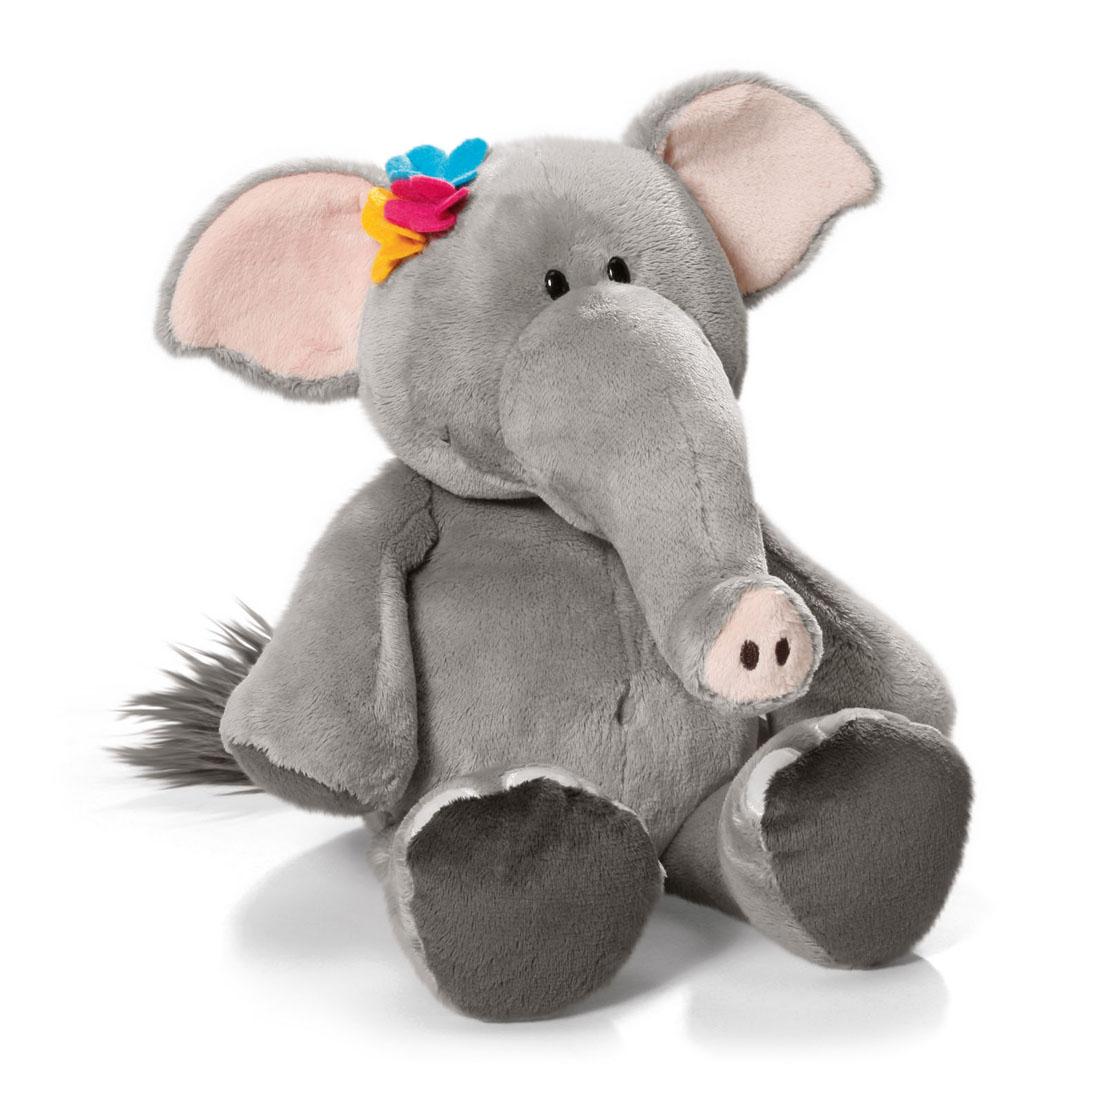 Мягкая игрушка Nici Слониха, сидячая, 25 см36603Мягкая игрушка Nici Слониха выполнена в виде симпатичной слонихи. Удивительно мягкая игрушка изготовлена из высококачественного текстильного материала серого и розового цветов с набивкой из синтепона и пластиковых гранул. Глазки у слонихи пластиковые, голова украшена разноцветными цветочками. Игрушку легко можно посадить на ровную поверхность. Оригинальный стиль и великолепное качество исполнения делают эту игрушку чудесным подарком к любому празднику. Немецкая компания Nici является одним из лидеров на Европейском рынке мягких игрушек и подарков. Продукцию компании можно встретить везде: это и значок на школьном рюкзаке, и магнит на холодильнике, и поздравительная открытка, и мягкая игрушка, и автомобильный талисман. Игрушки Nici - это товары высочайшего качества и инновационного дизайна. Для создания всего одной игрушки работает большое количество людей и используется самое современное оборудование и технологии. И делается все это для того, чтобы добиться...